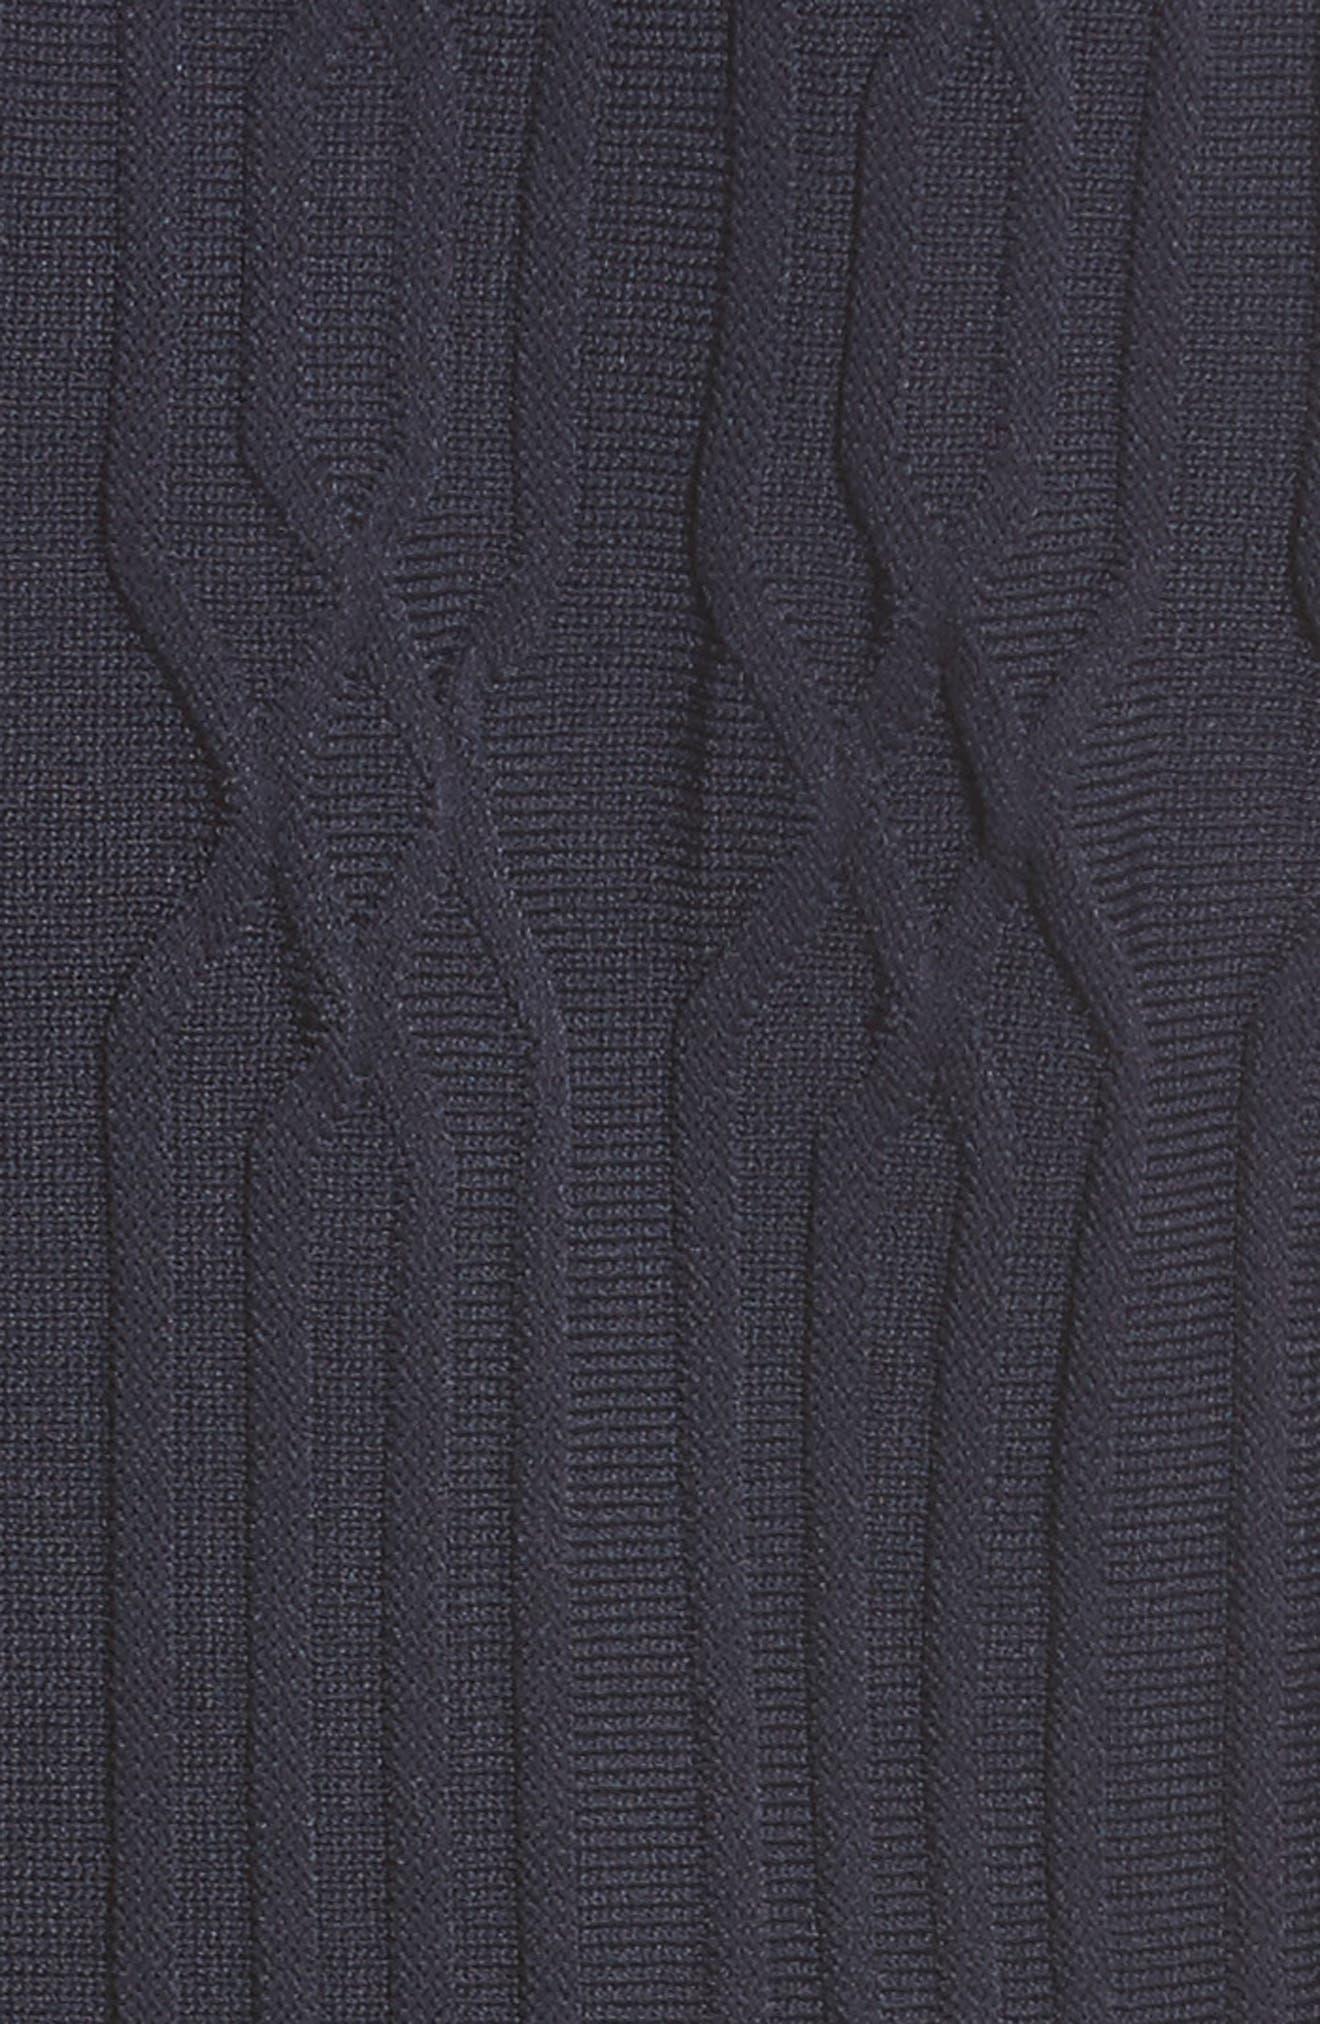 Lace Yoke Dress,                             Alternate thumbnail 6, color,